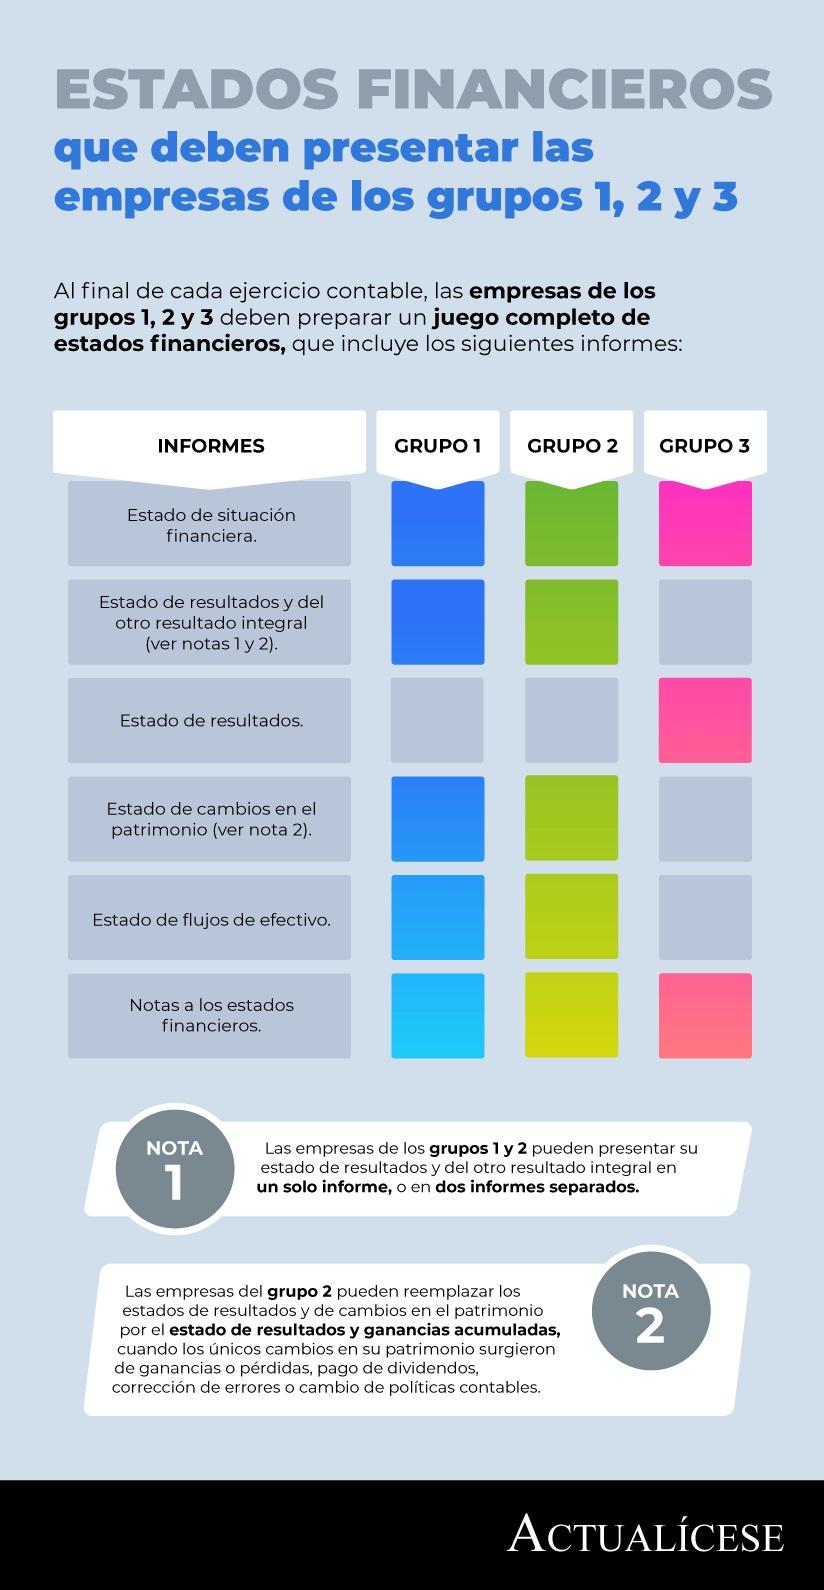 [Infografía] Estados financieros que deben presentar las empresas de los grupos 1, 2 y 3